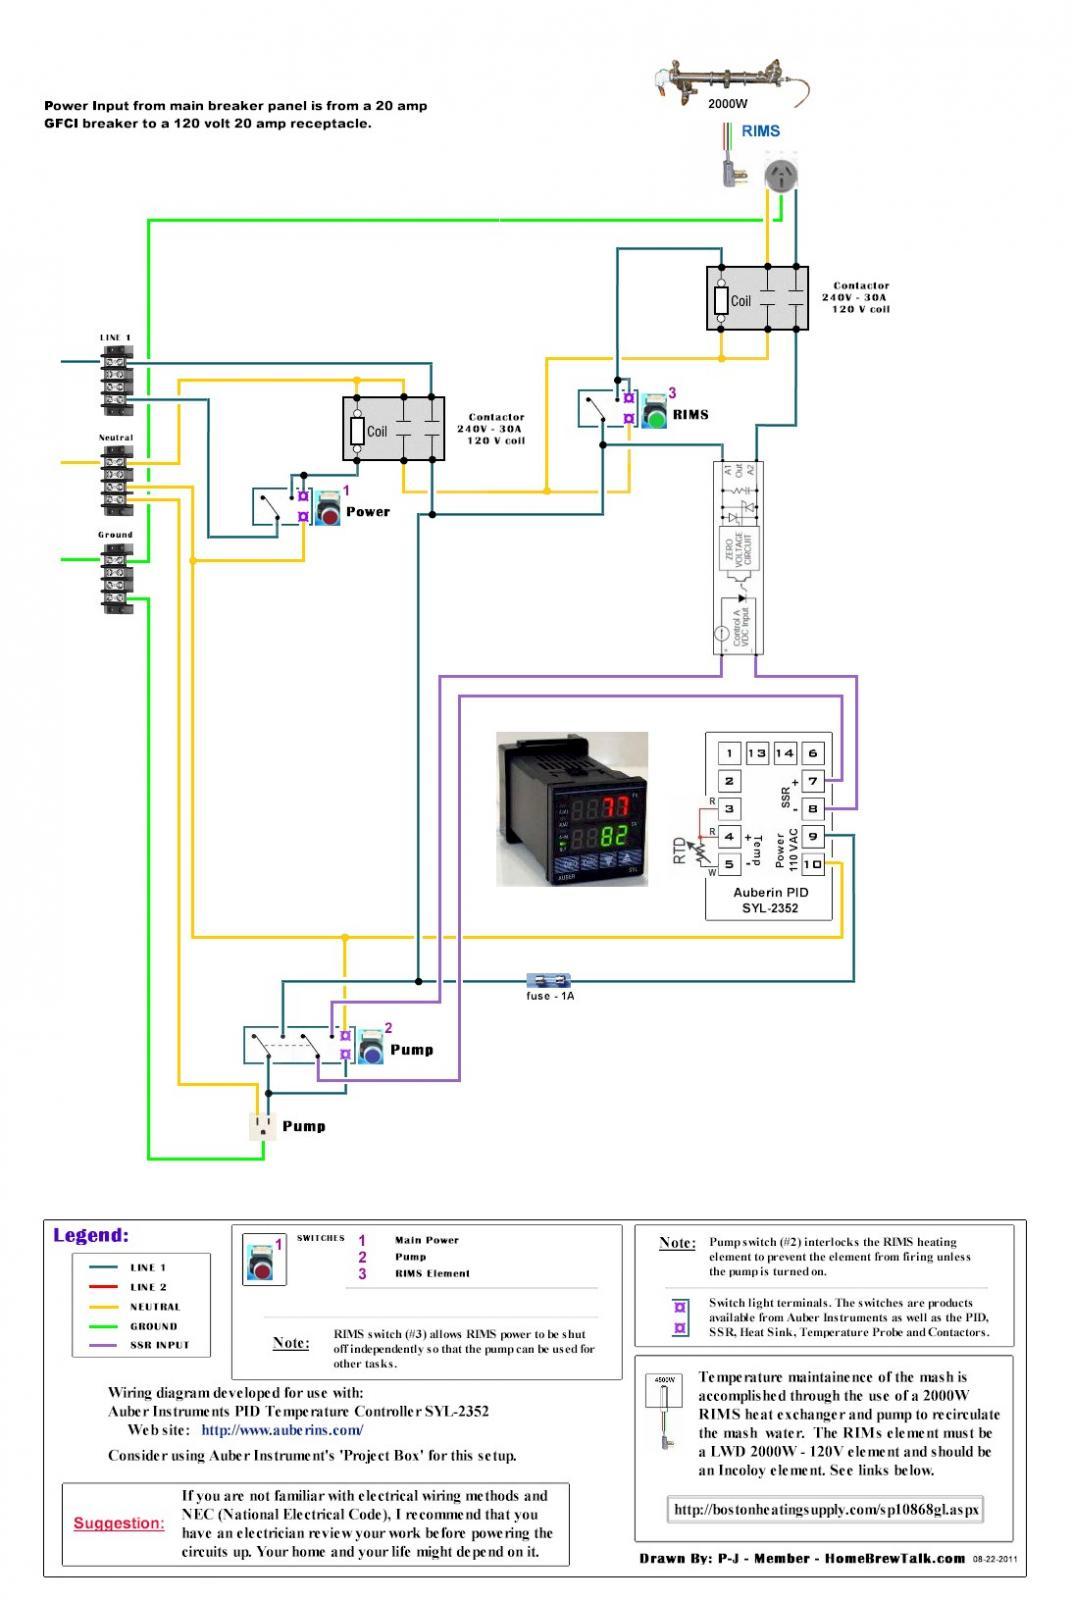 pj rims wiring diagram schematic diagram data  rim pid wiring diagram wiring diagram data schema pj rims wiring diagram